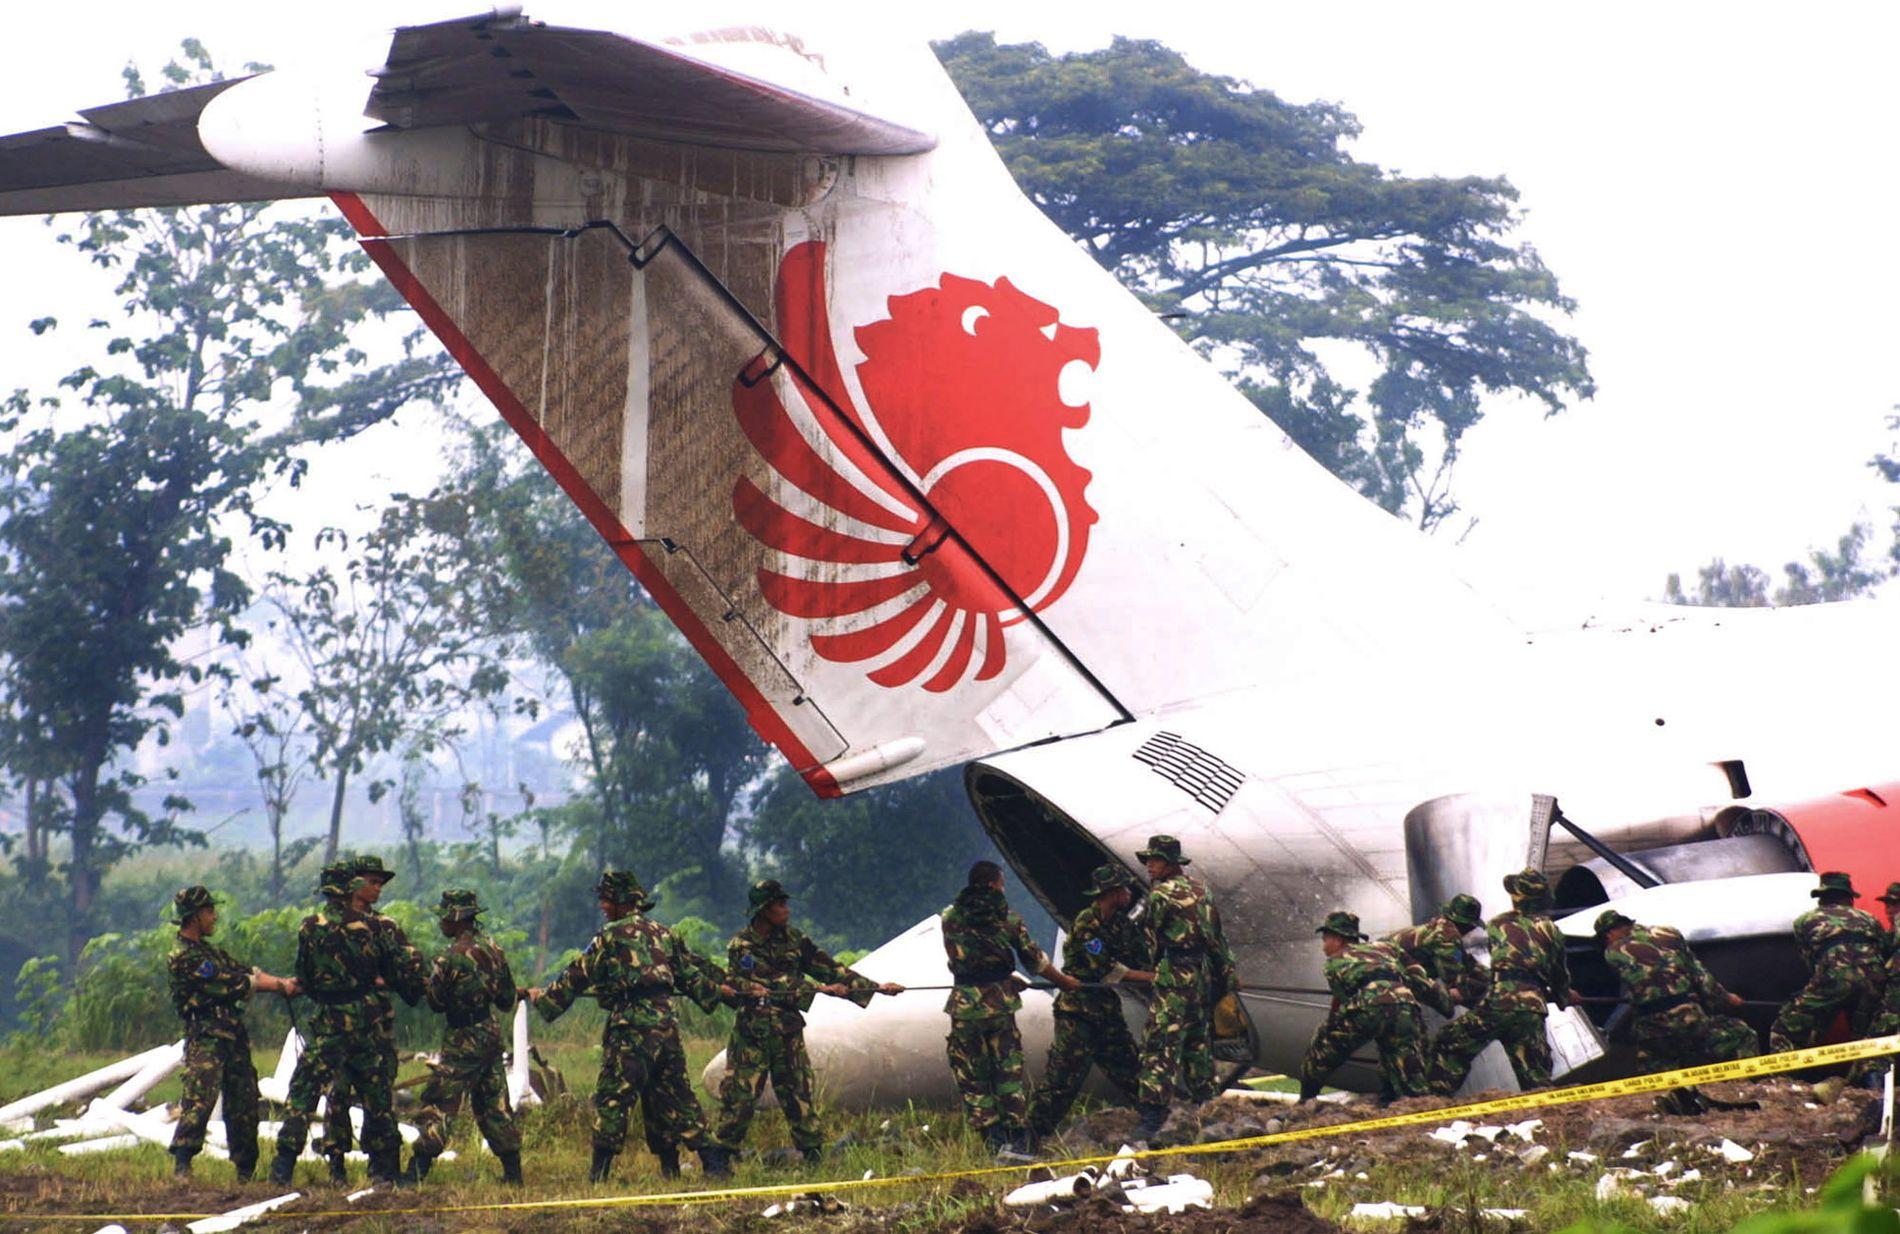 REDNINGSOPERASJON: Soldater deltok på redningsoperasjonen da et Lion Air-fly i desember 2004 krasjet gjennom et gjerde ved enden av rullebanen på Java og endte opp på en kirkegård. Minst 26 mennesker mistet livet i den ulykken.